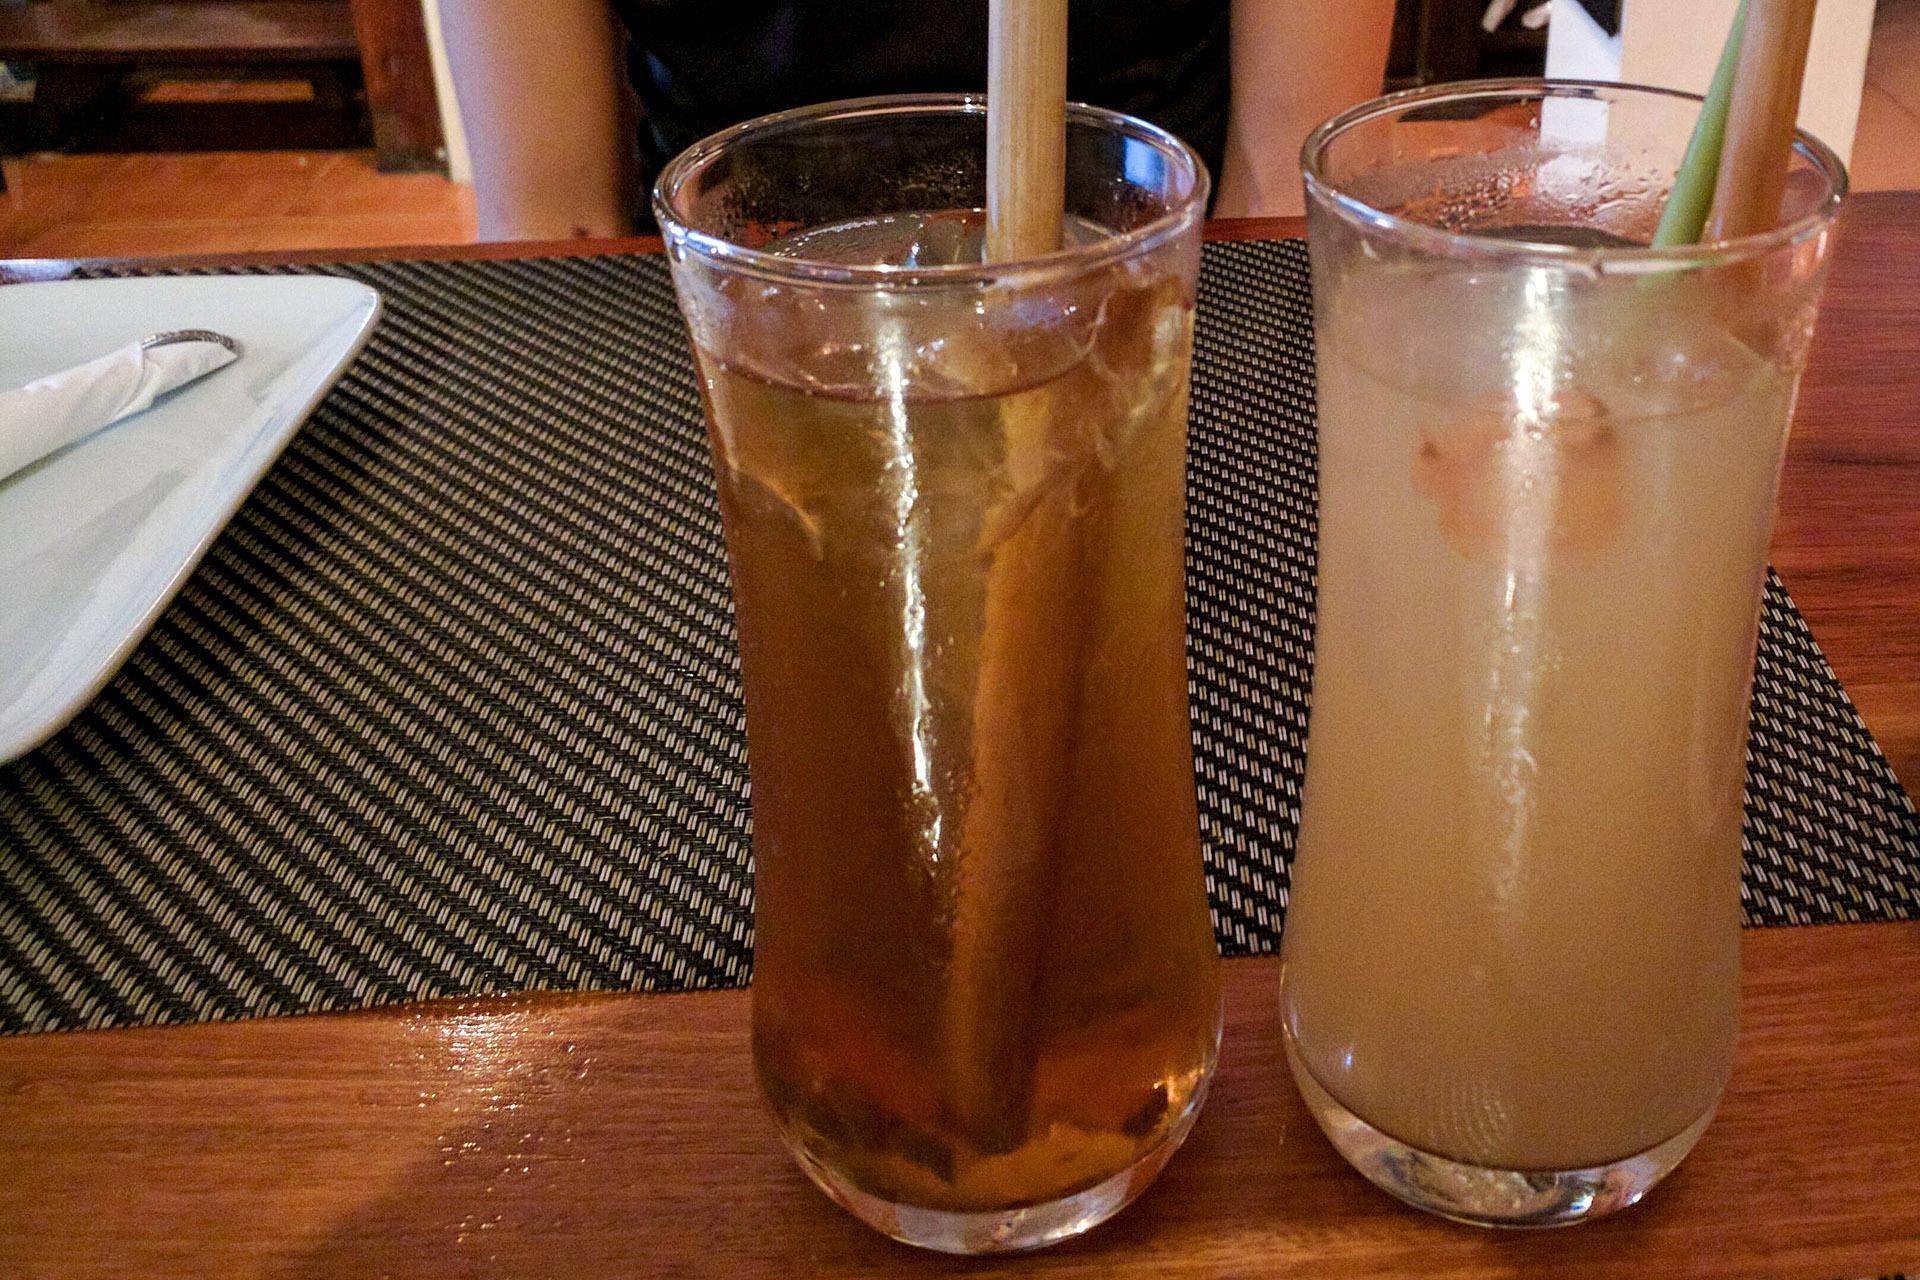 Bengal quince iced tea, lemongrass & ginger juice (Tamarind)